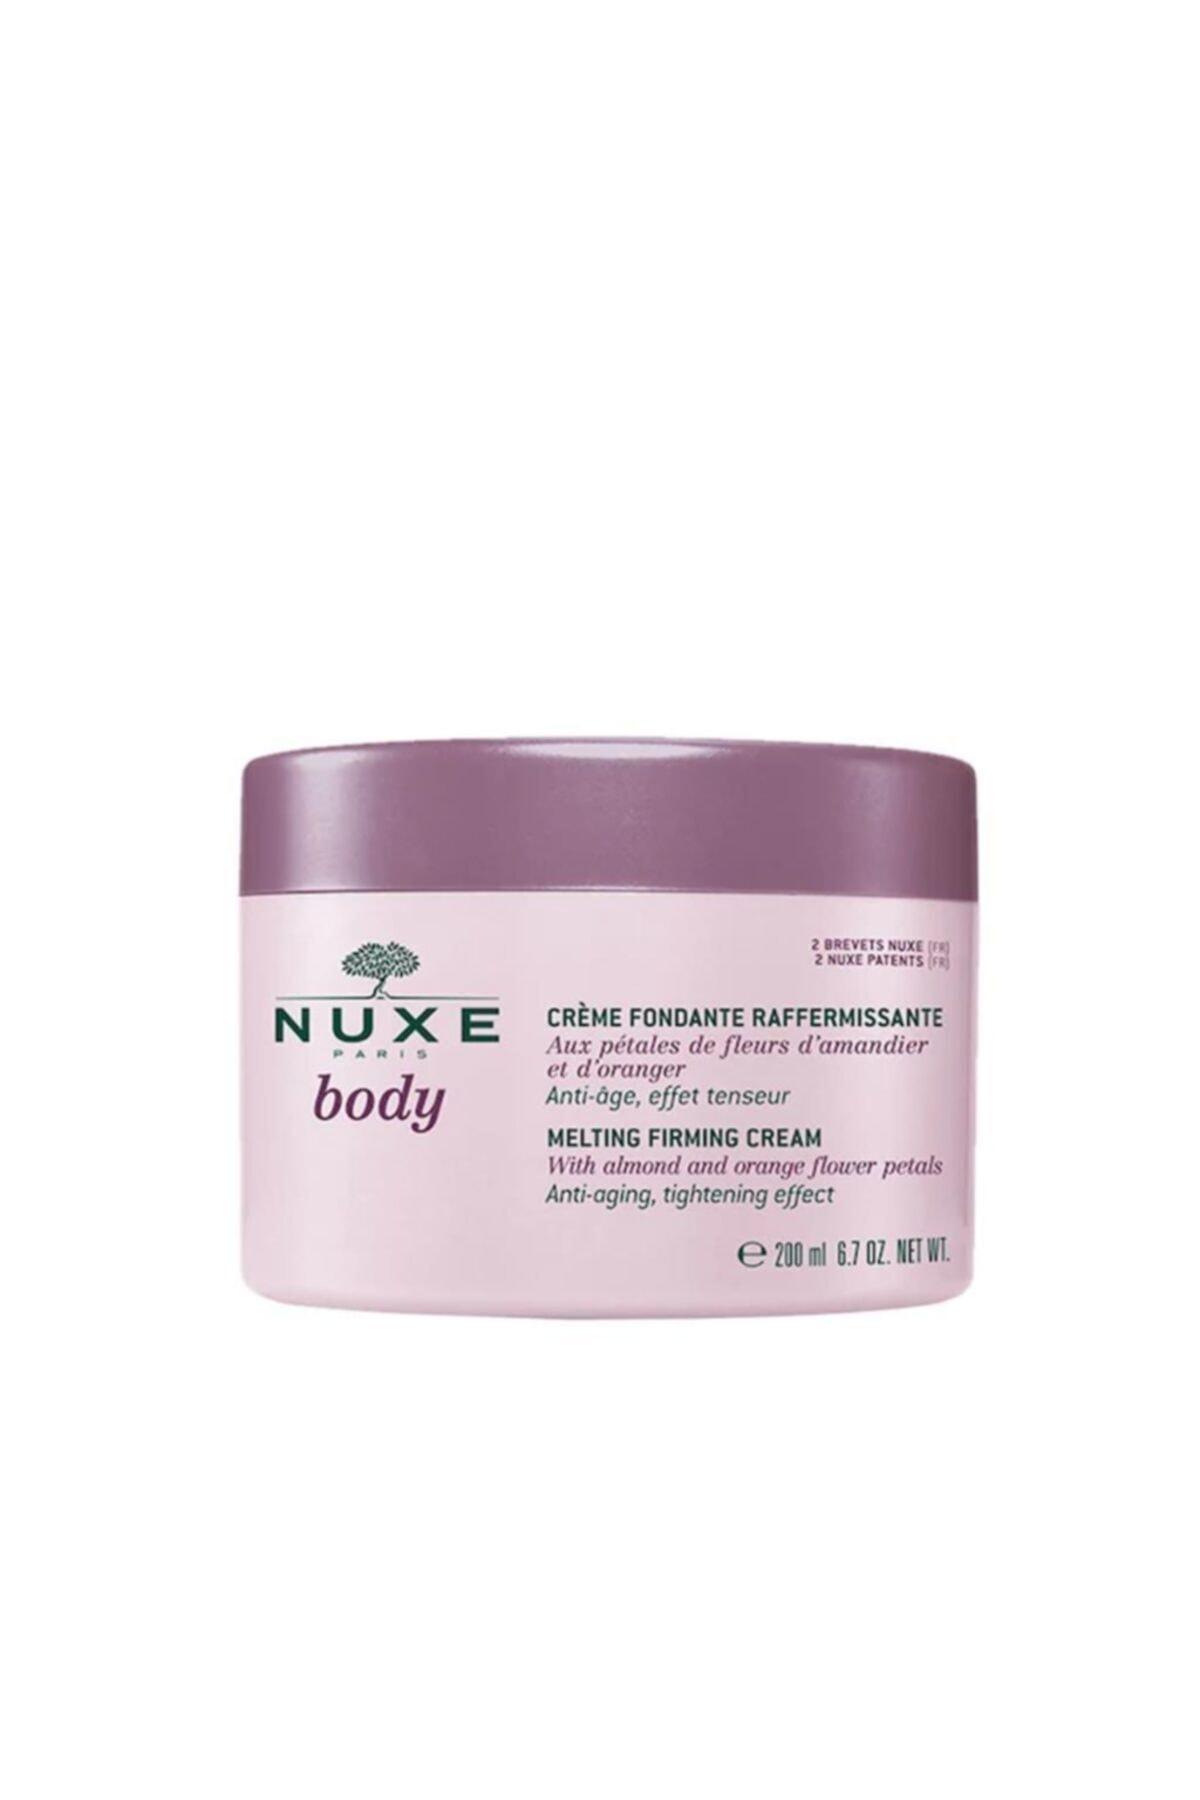 Nuxe Body Creme Fondante Raffeermissante 200 ml 1